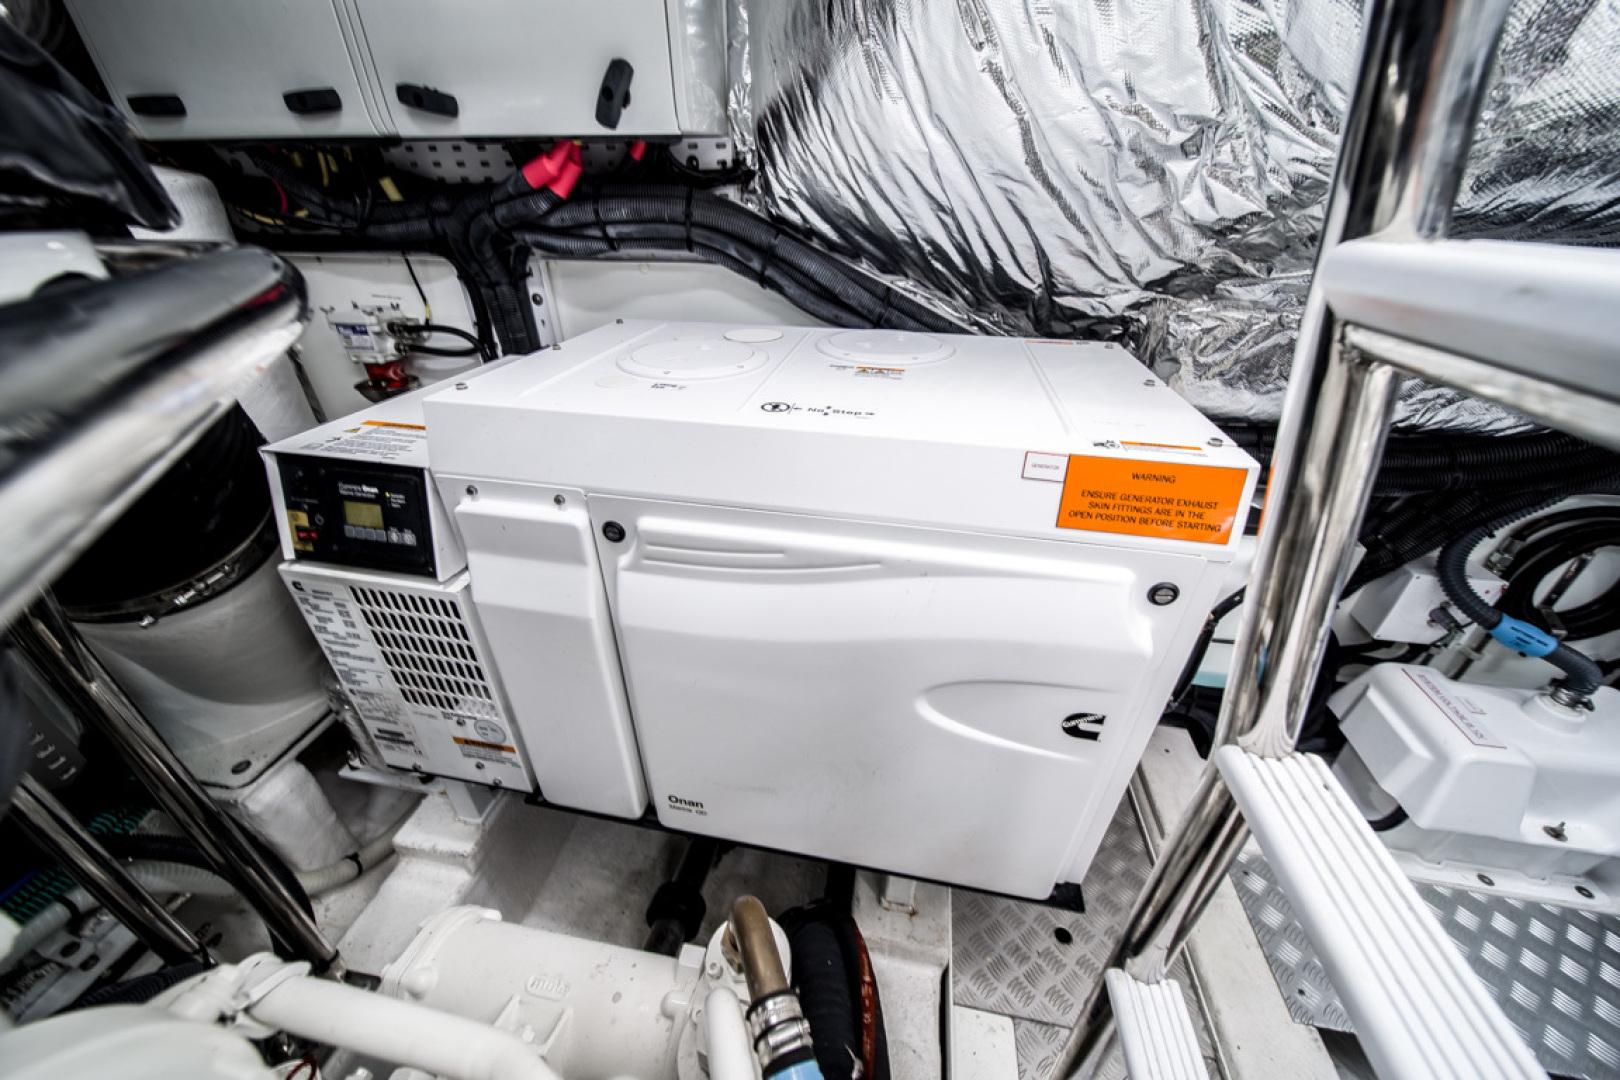 Princess-S65 2019-Paragon Cape Coral-Florida-United States-2019 65 Princess S65-Paragon-Onan Generator-1510219 | Thumbnail